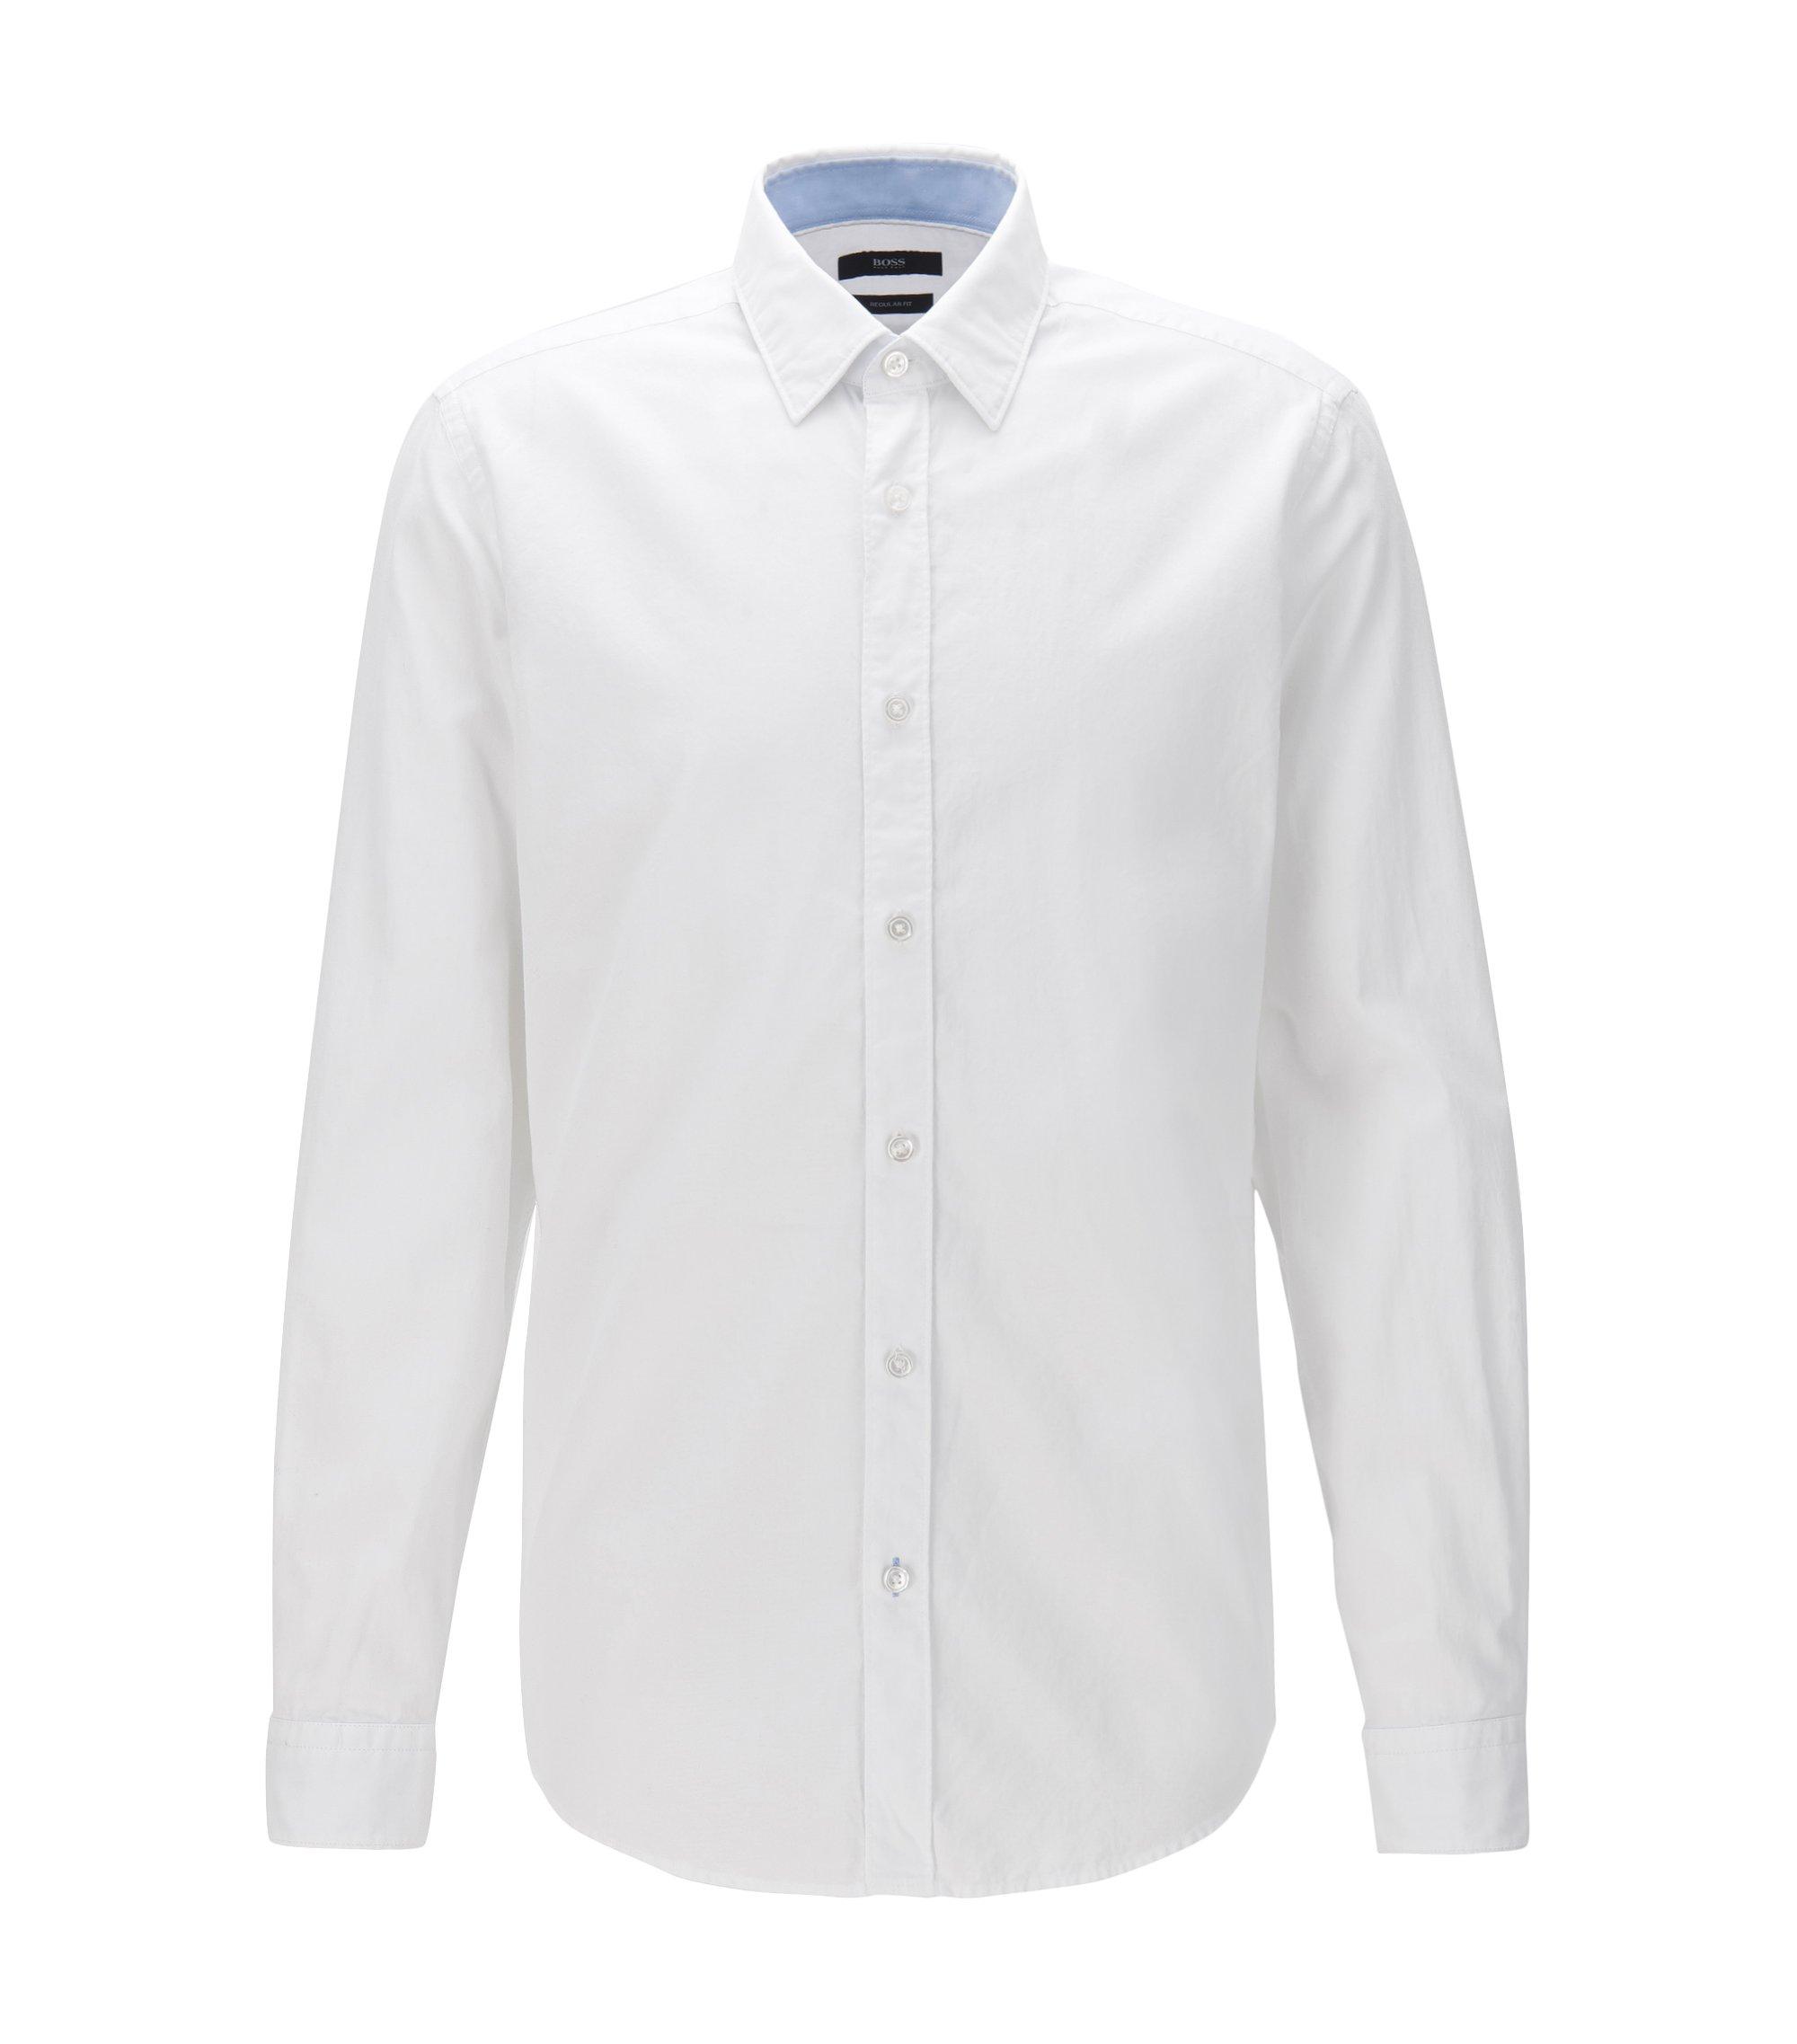 Regular-fit Oxfordoverhemd van gewassen katoen, Wit